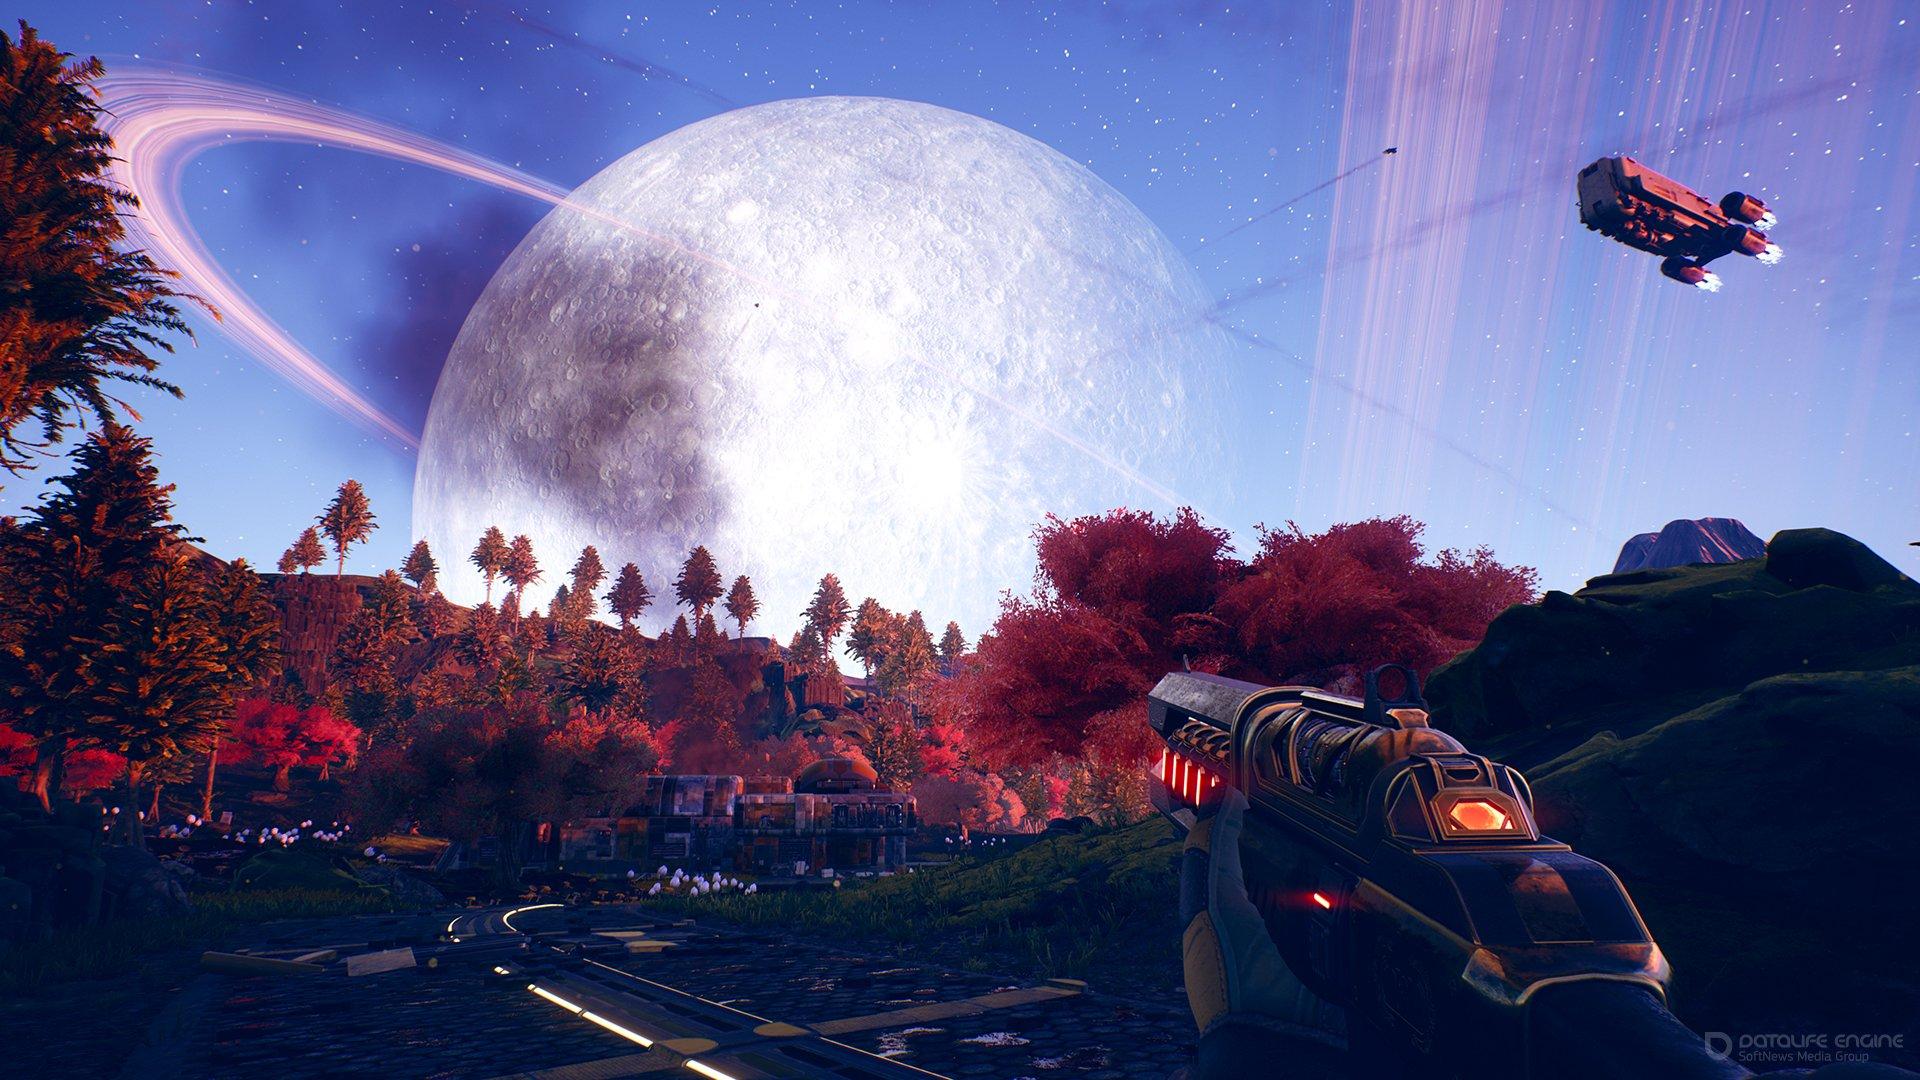 Скриншот к игре The Outer Worlds [v 1.4.1.617 (42134) +DLC] (2019) скачать торрент RePack от R.G. Механики